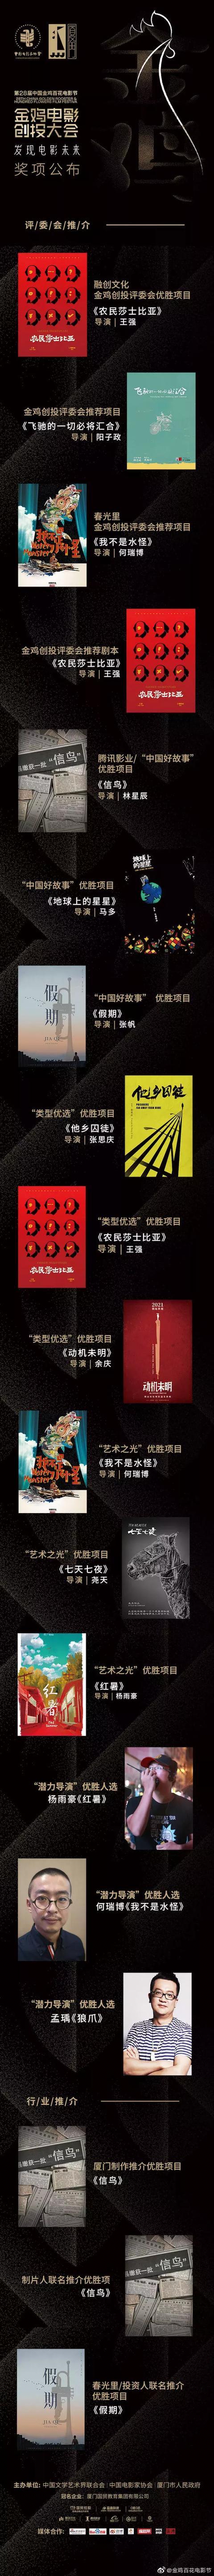 金鸡百花脱胎换骨:探索中国好故事,全面拥抱互联网